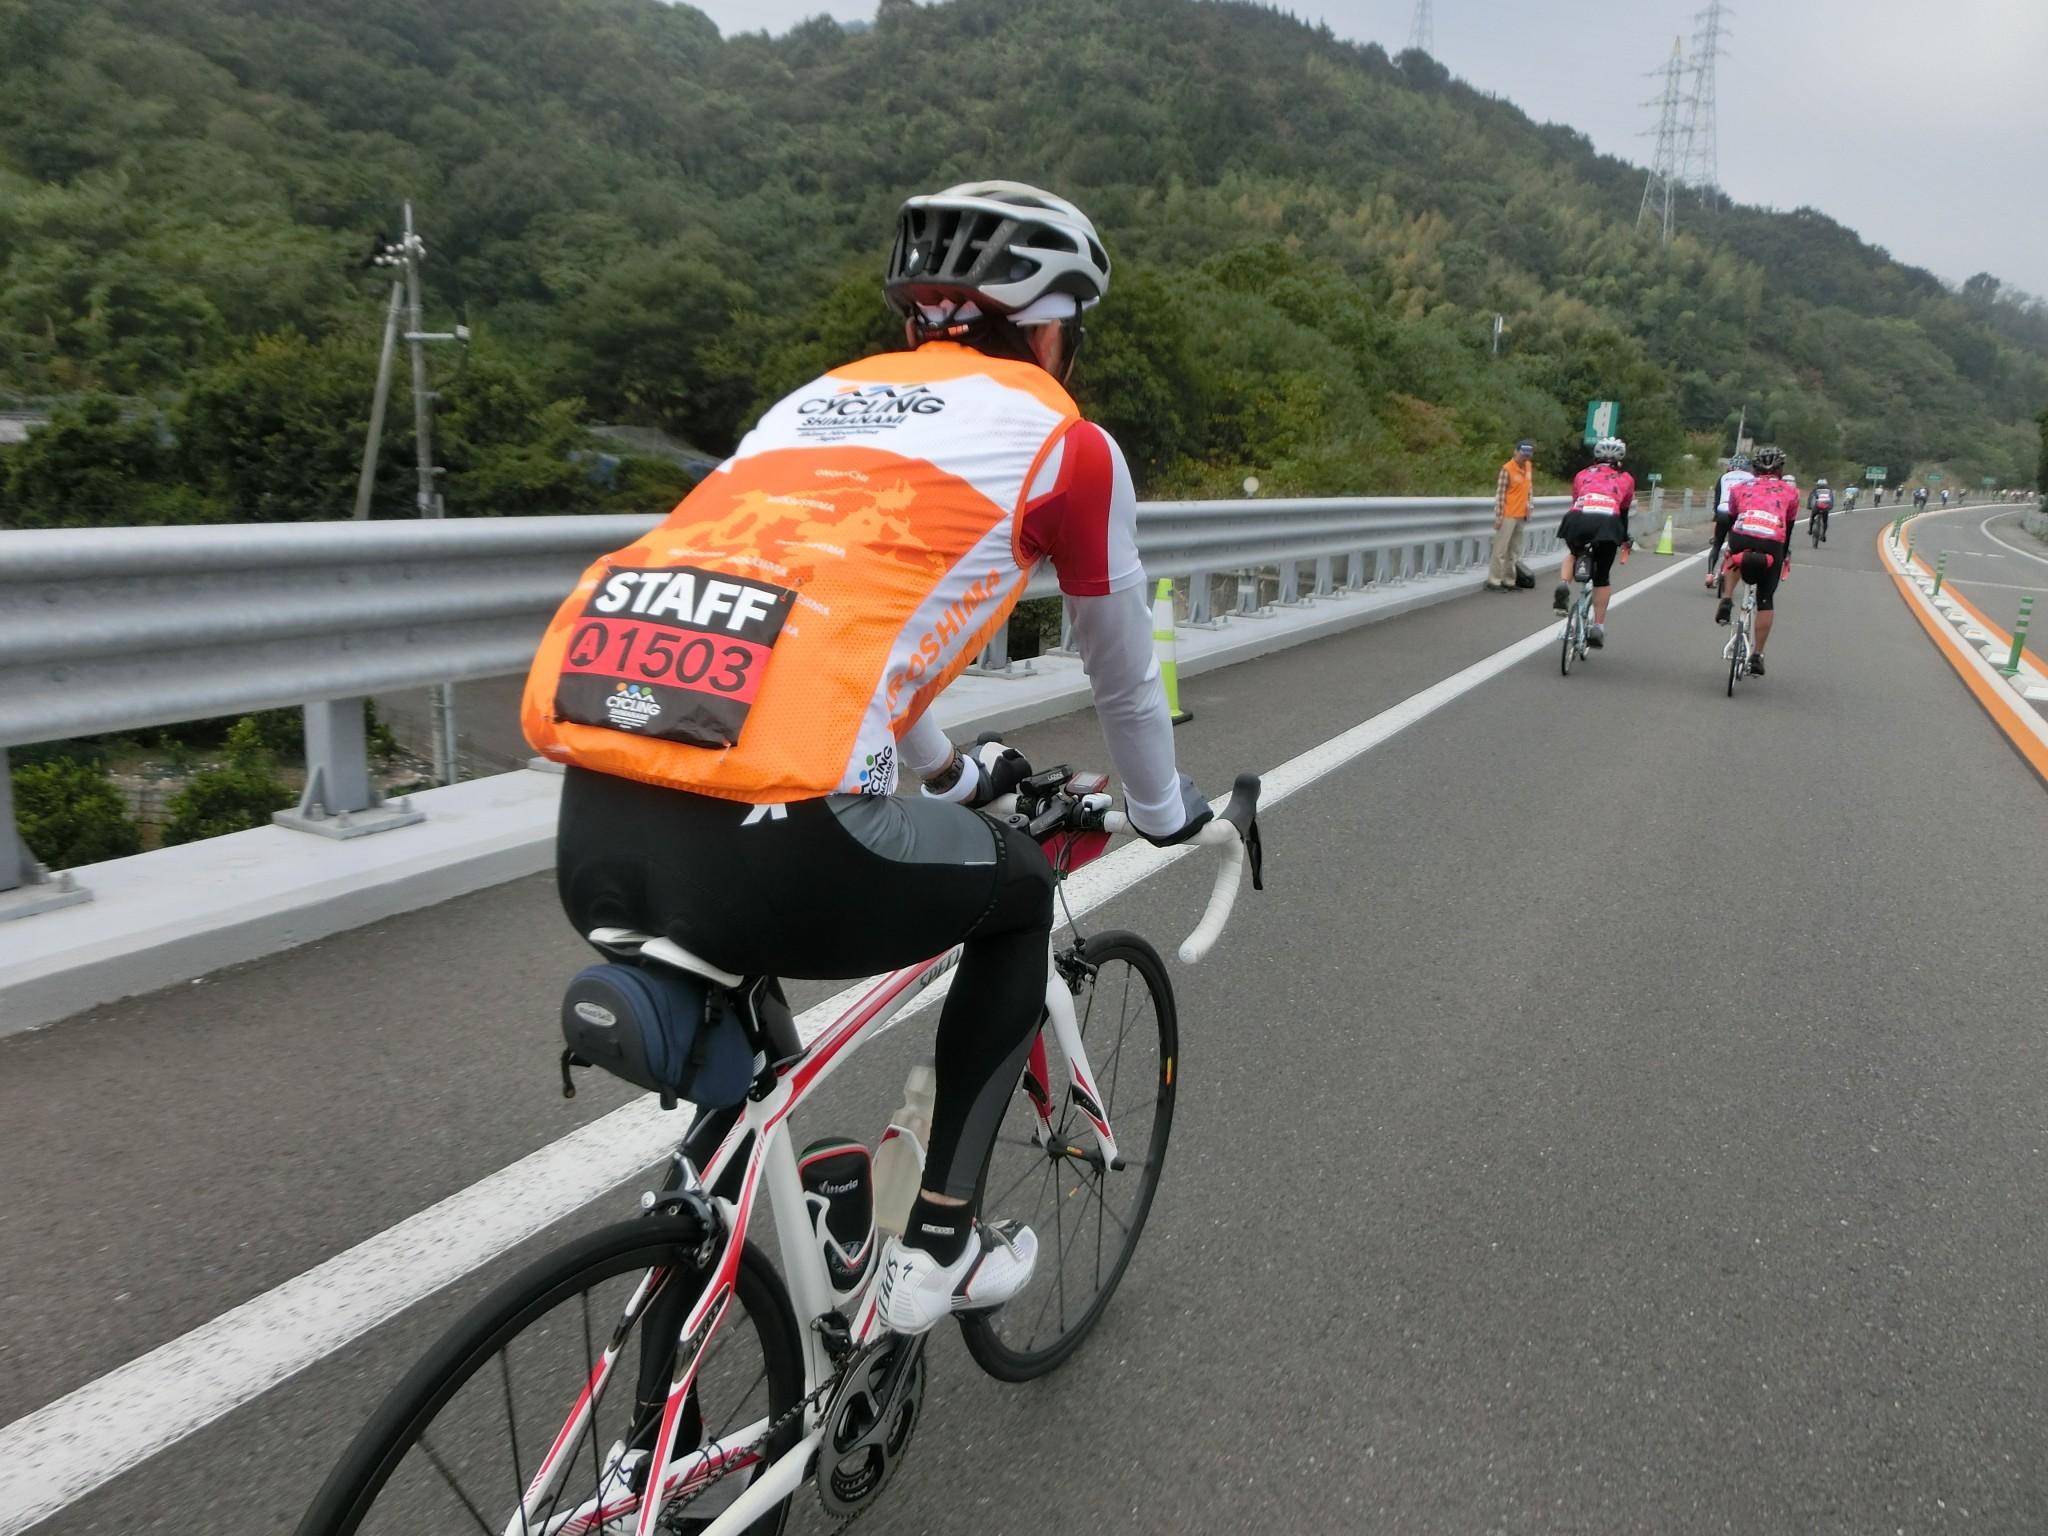 活動可見穿著橘色背心的工作人員,有些是一起騎車,有些會站立路旁,除了導引之外也可提供協助。